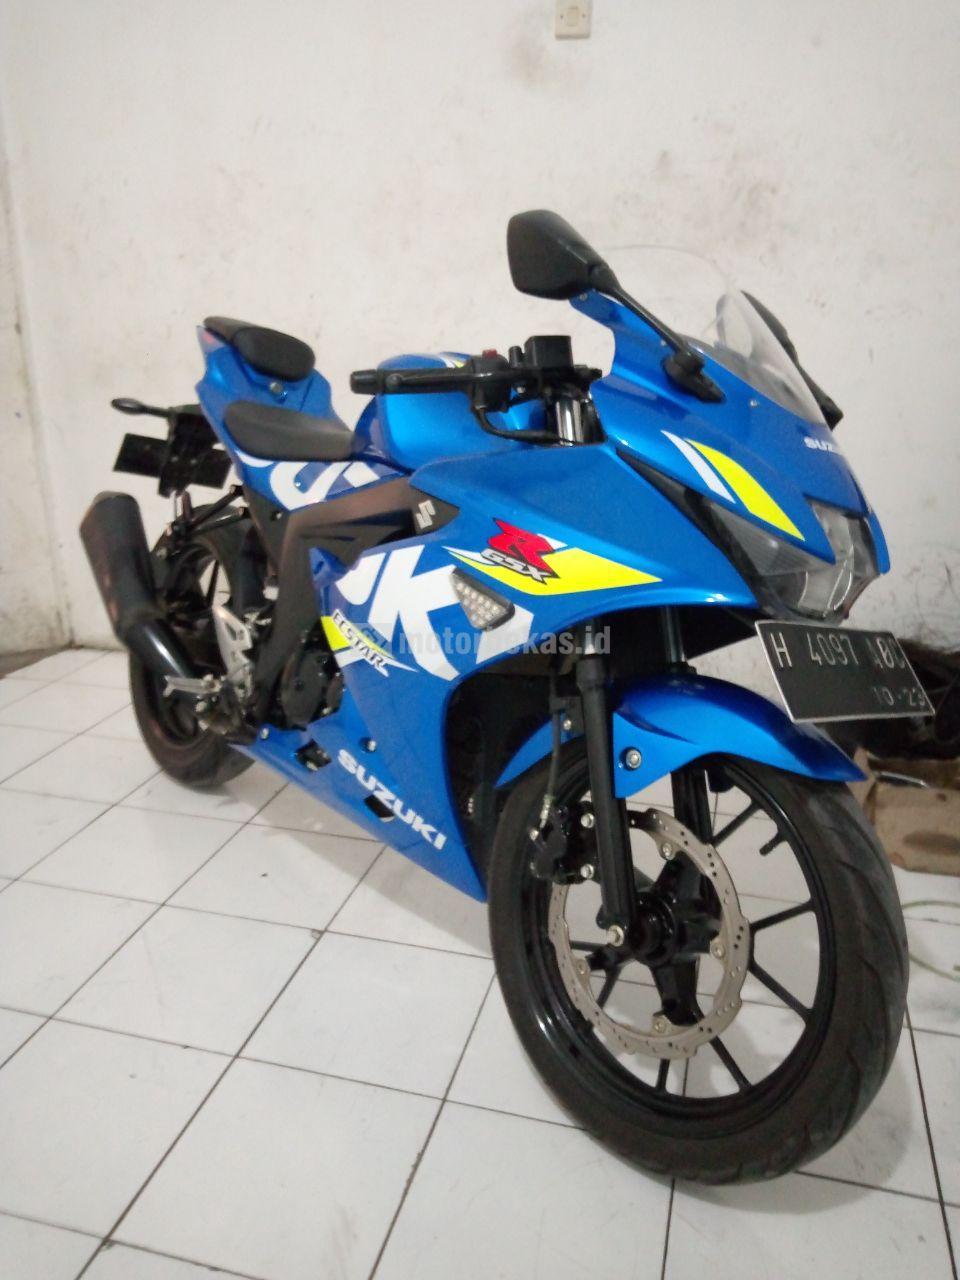 SUZUKI GSX R 150  3361 motorbekas.id